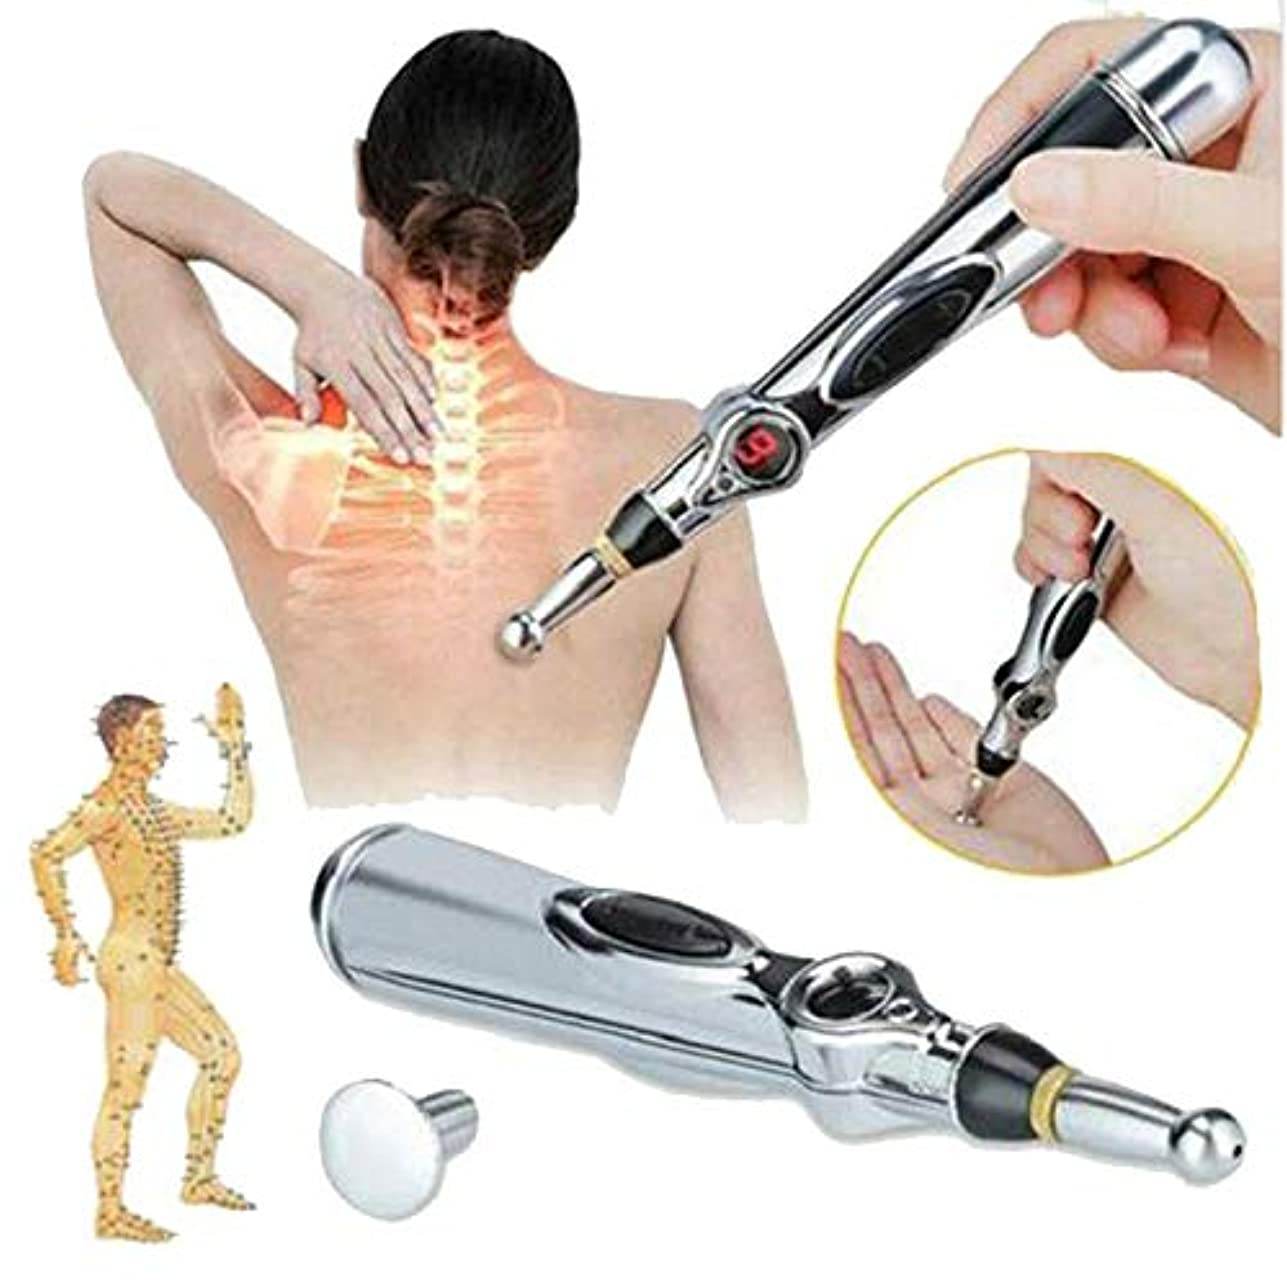 させる雪抗議電子鍼ペン、電子経絡レーザー治療、マッサージペン、経絡エネルギーペン、痛み緩和ツール